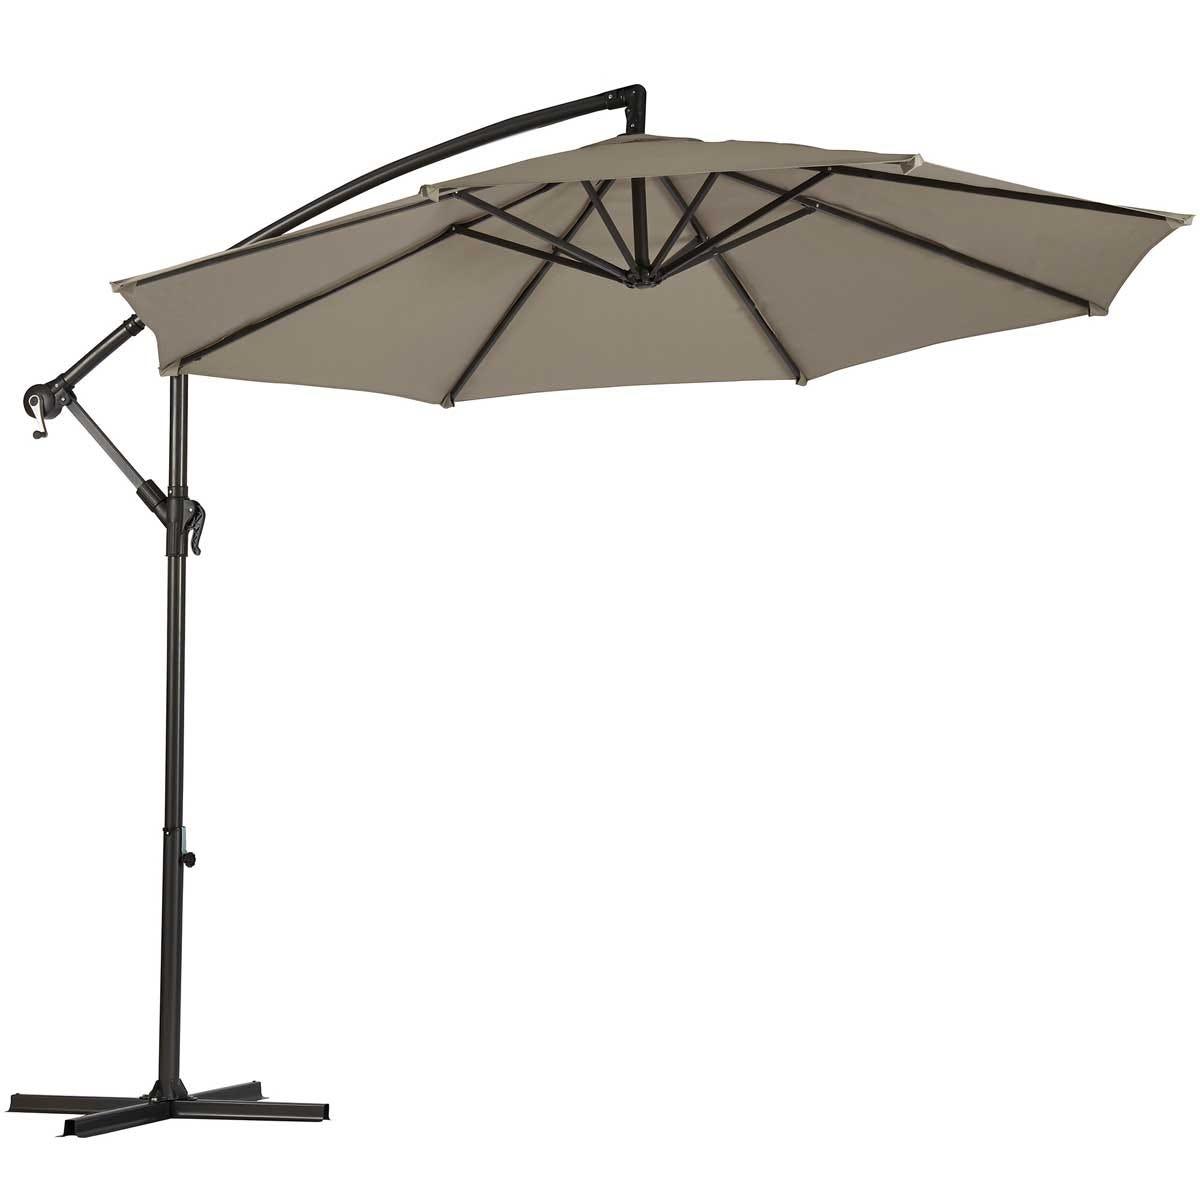 Garden Gear Cantilever Parasol with Cover - Grey